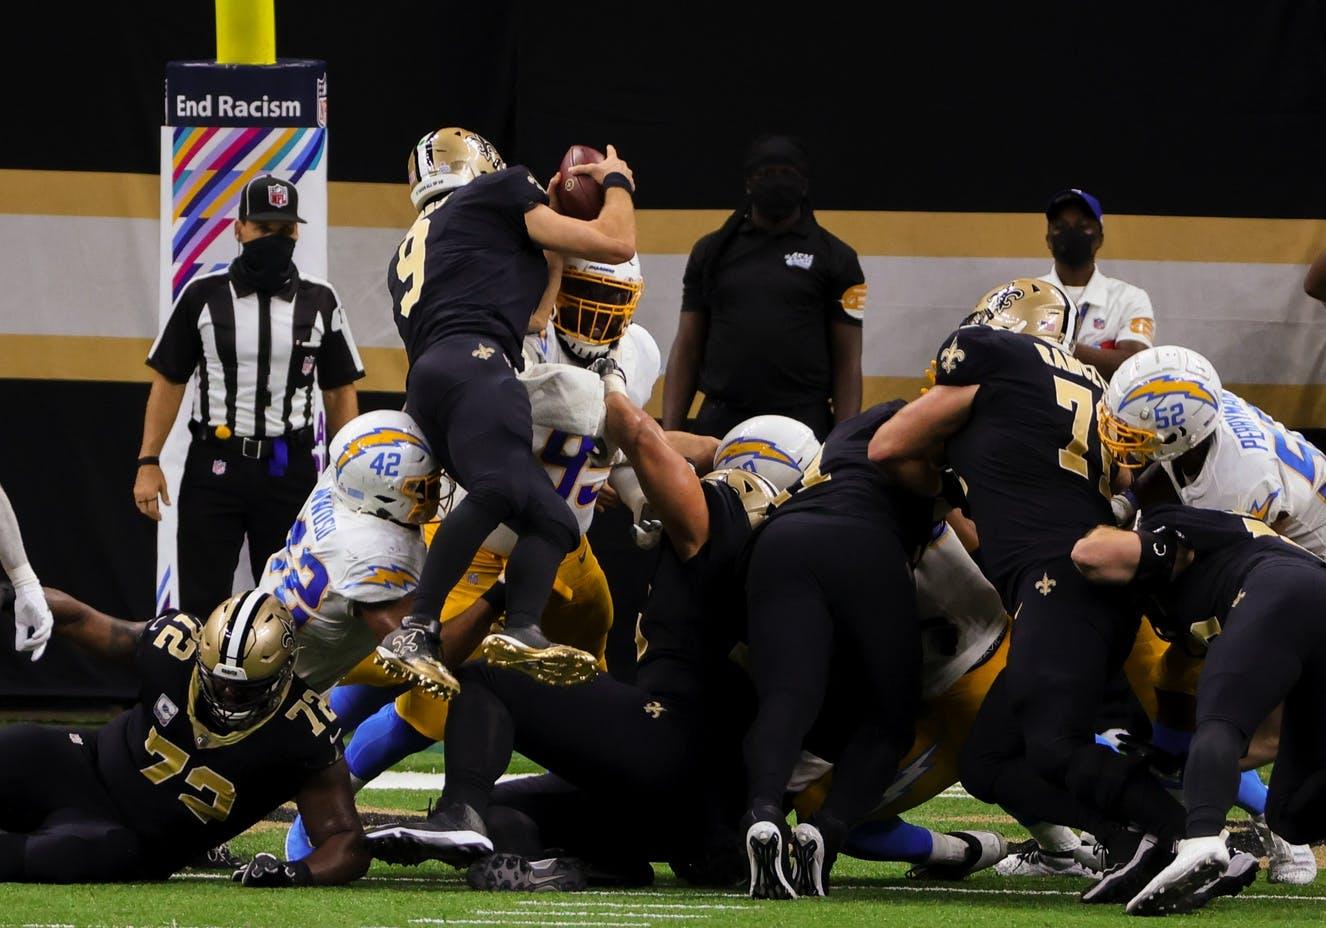 Saints di rimonta e Chargers spreconi (Los Angeles Chargers vs New Orleans Saints 27-30)